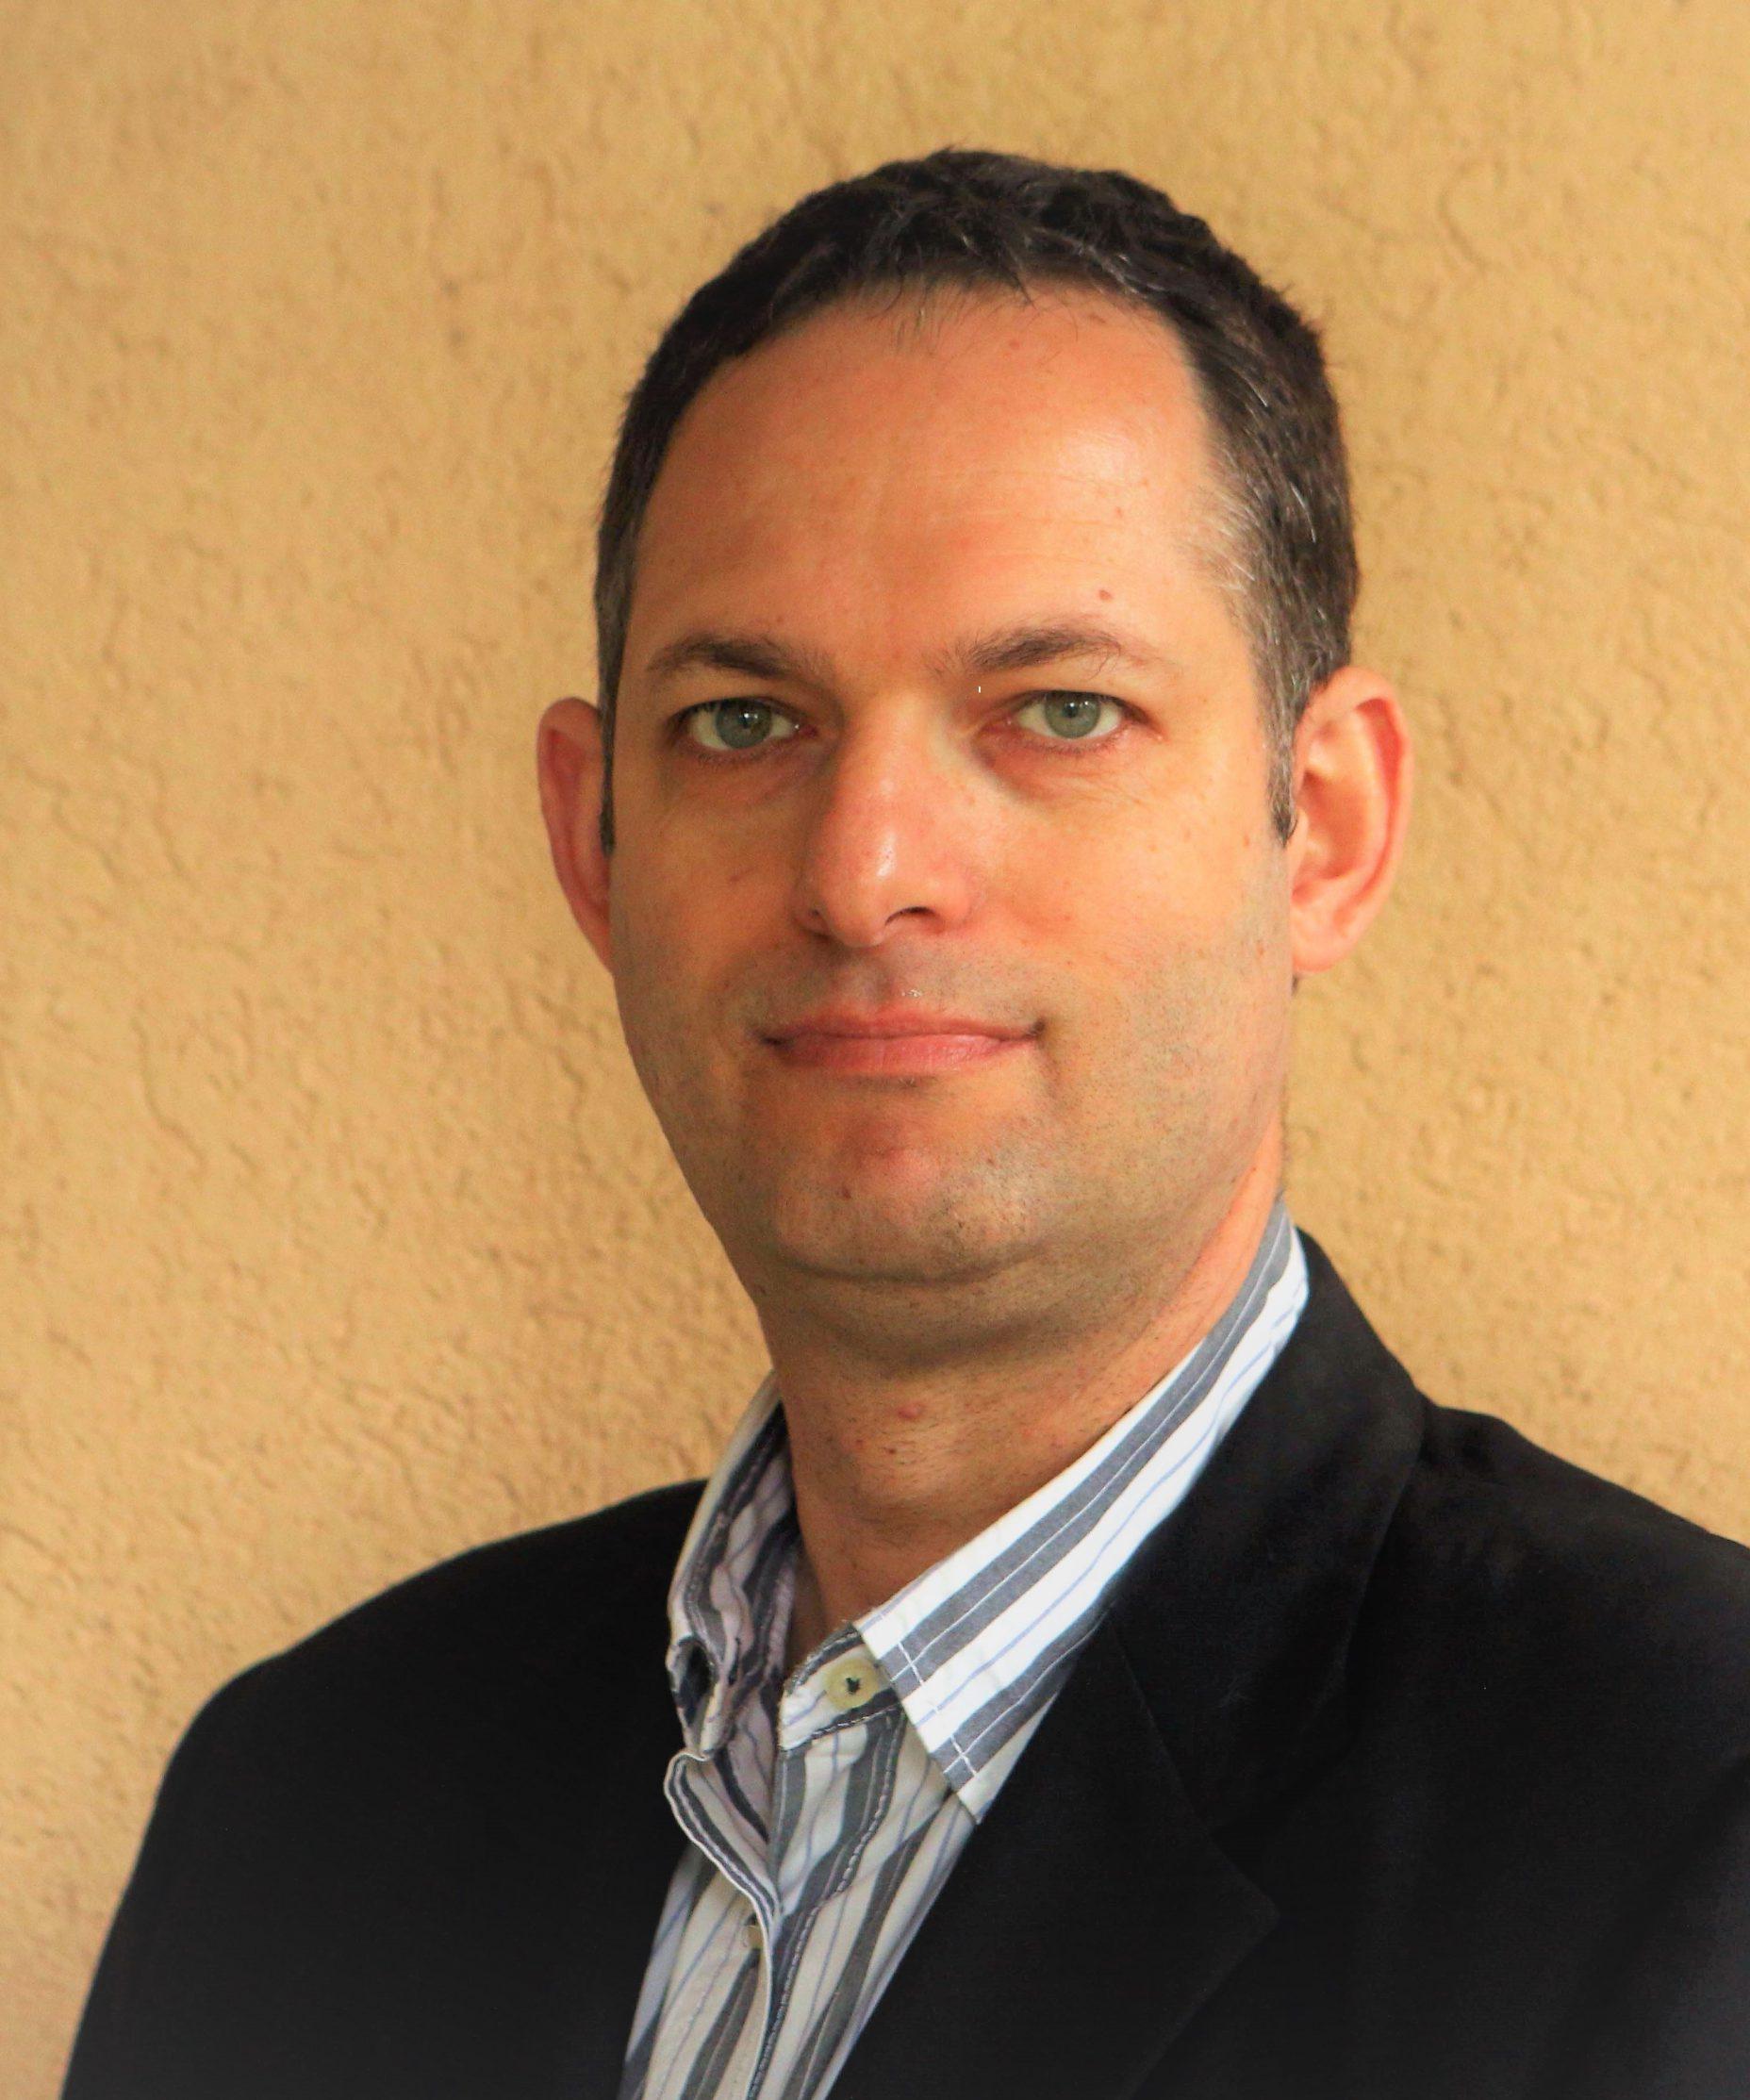 תבור גולדמן, עורך דין נוטריון ומגשר